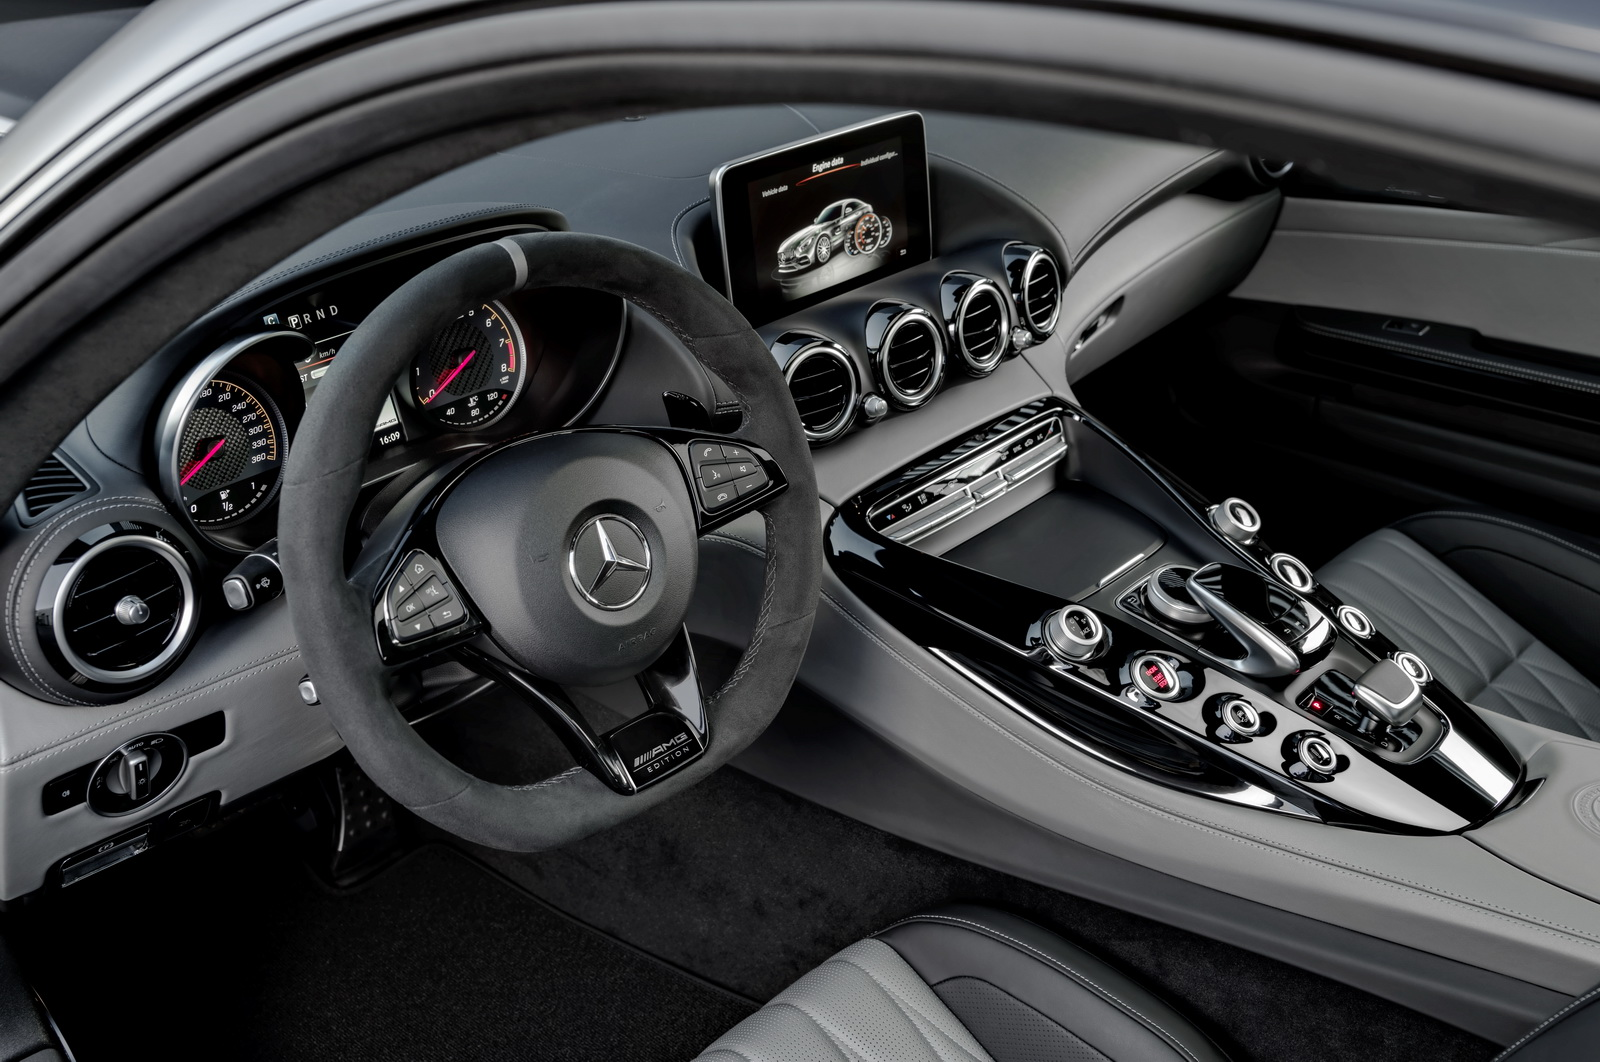 Mercedes-AMG GT C Edition 50, graphitgrau magno, Innenausstattung: Leder Exklusiv Nappa STYLE in silber pearl/schwarz ;Kraftstoffverbrauch kombiniert: 11,3 l/100 km, CO2-Emissionen kombiniert: 257 g/kmMercedes-AMG GT C Edition 50, graphite grey magno, Interior: leather exclusive nappa STYLE in silver pearl/black; Fuel consumption combined:  11.3 l/100 km; Combined CO2 emissions: 257 g/km